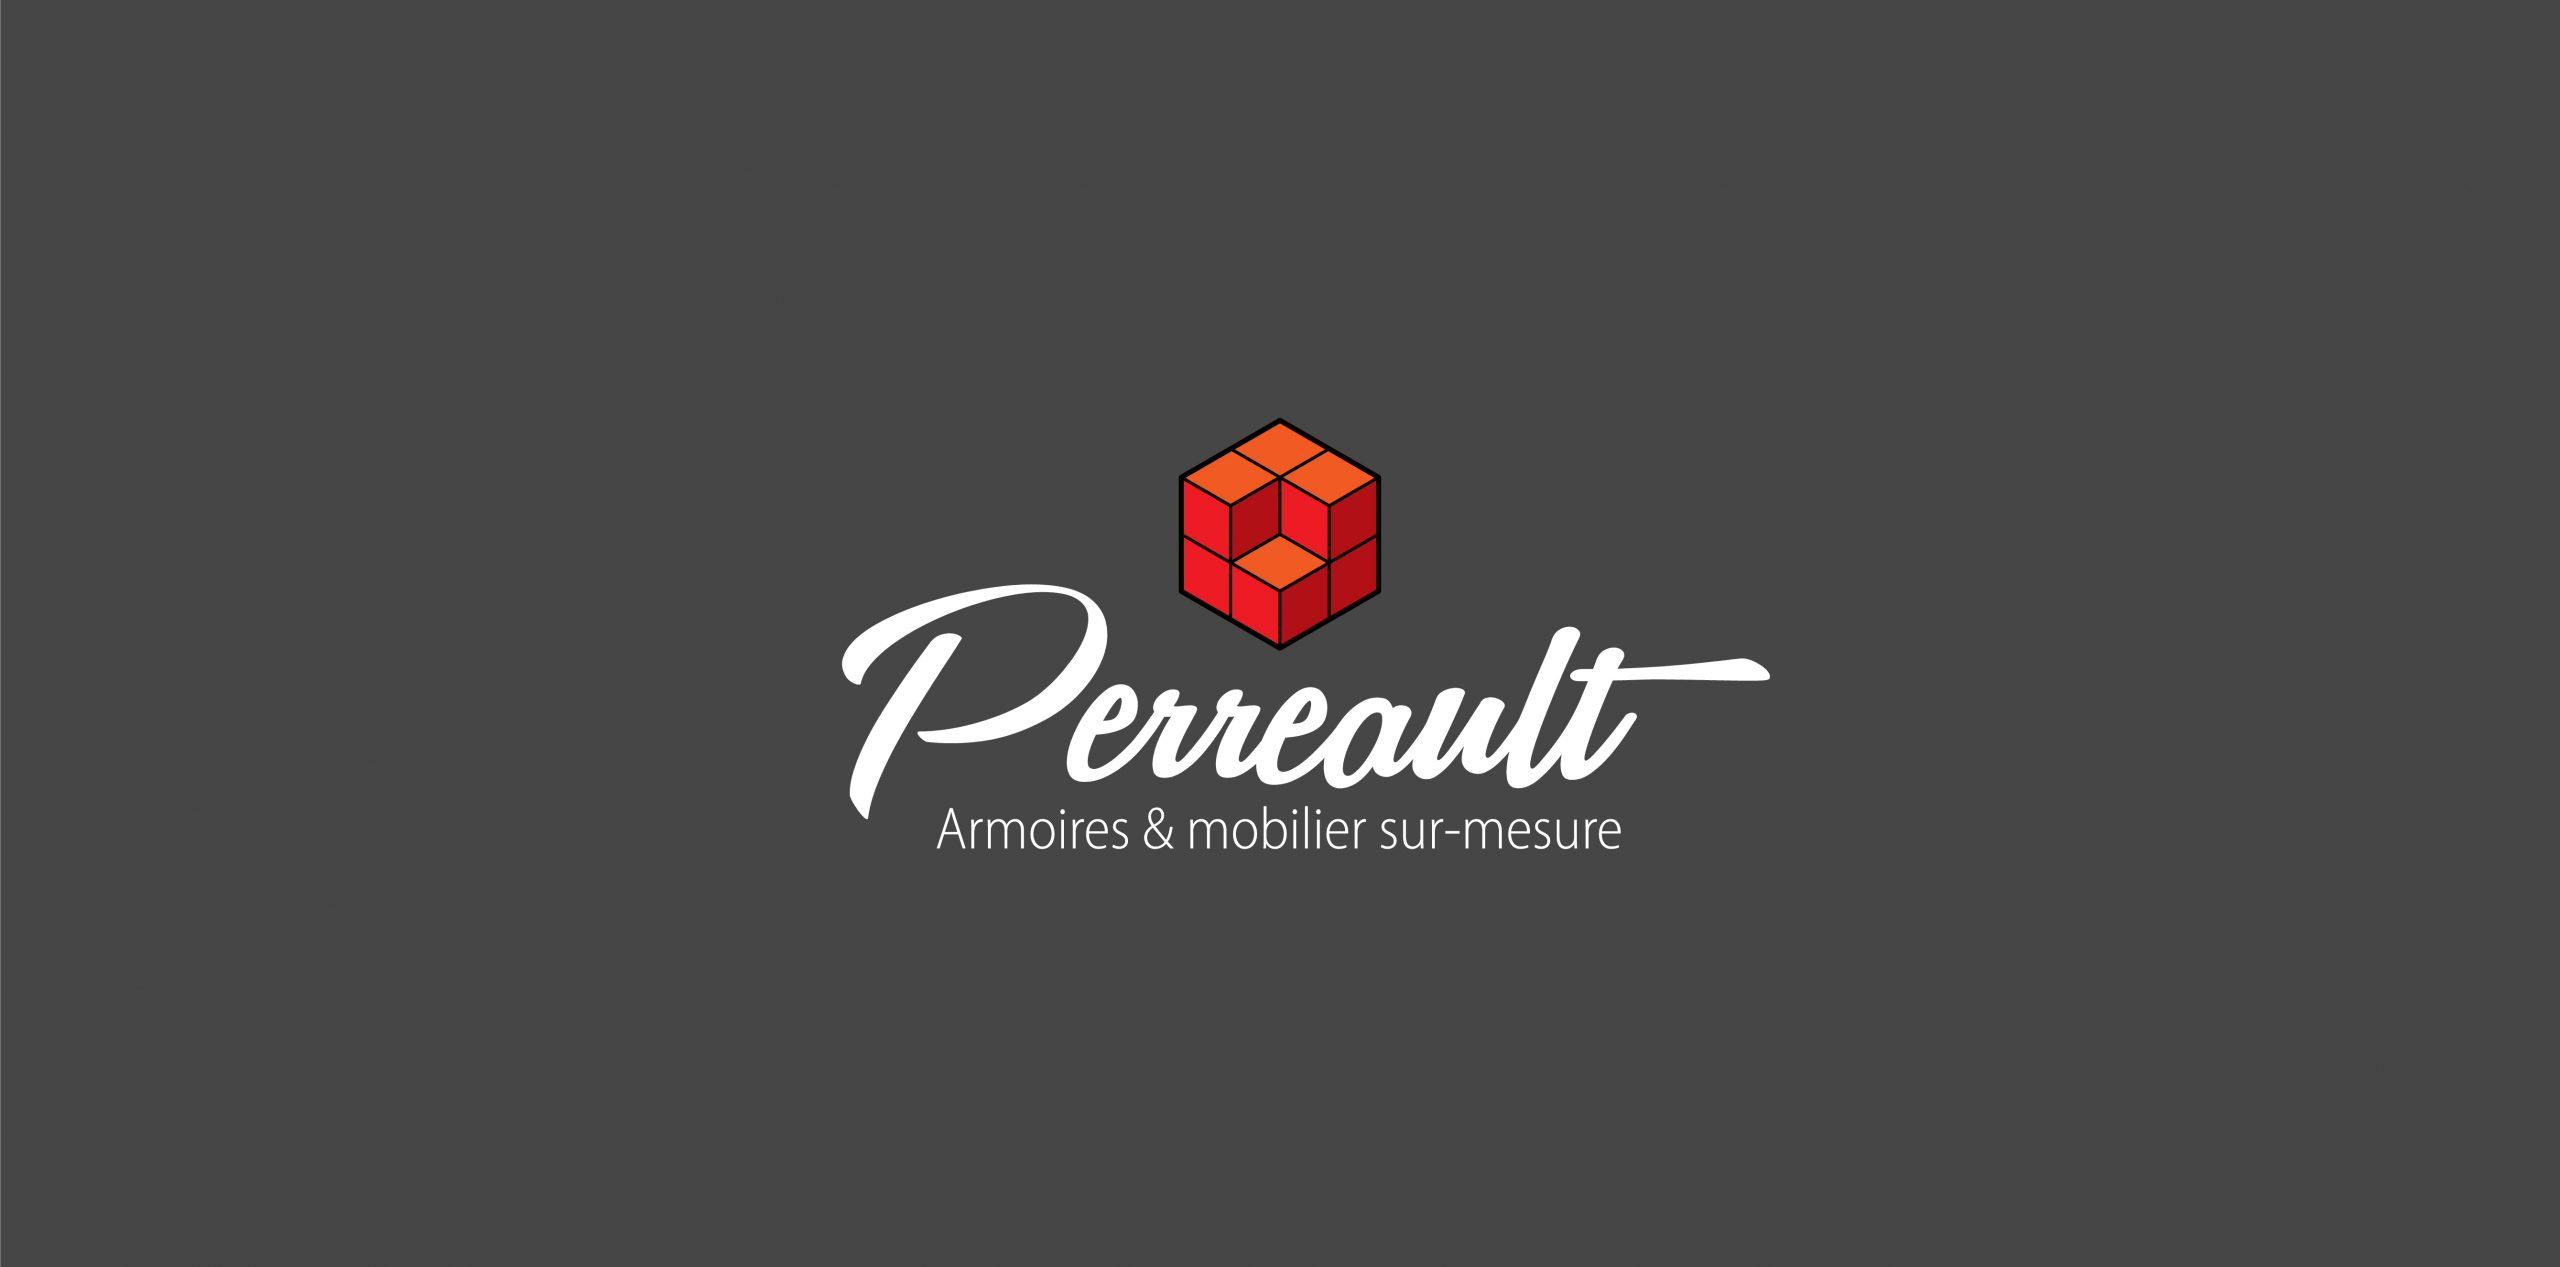 perreaultgris-01